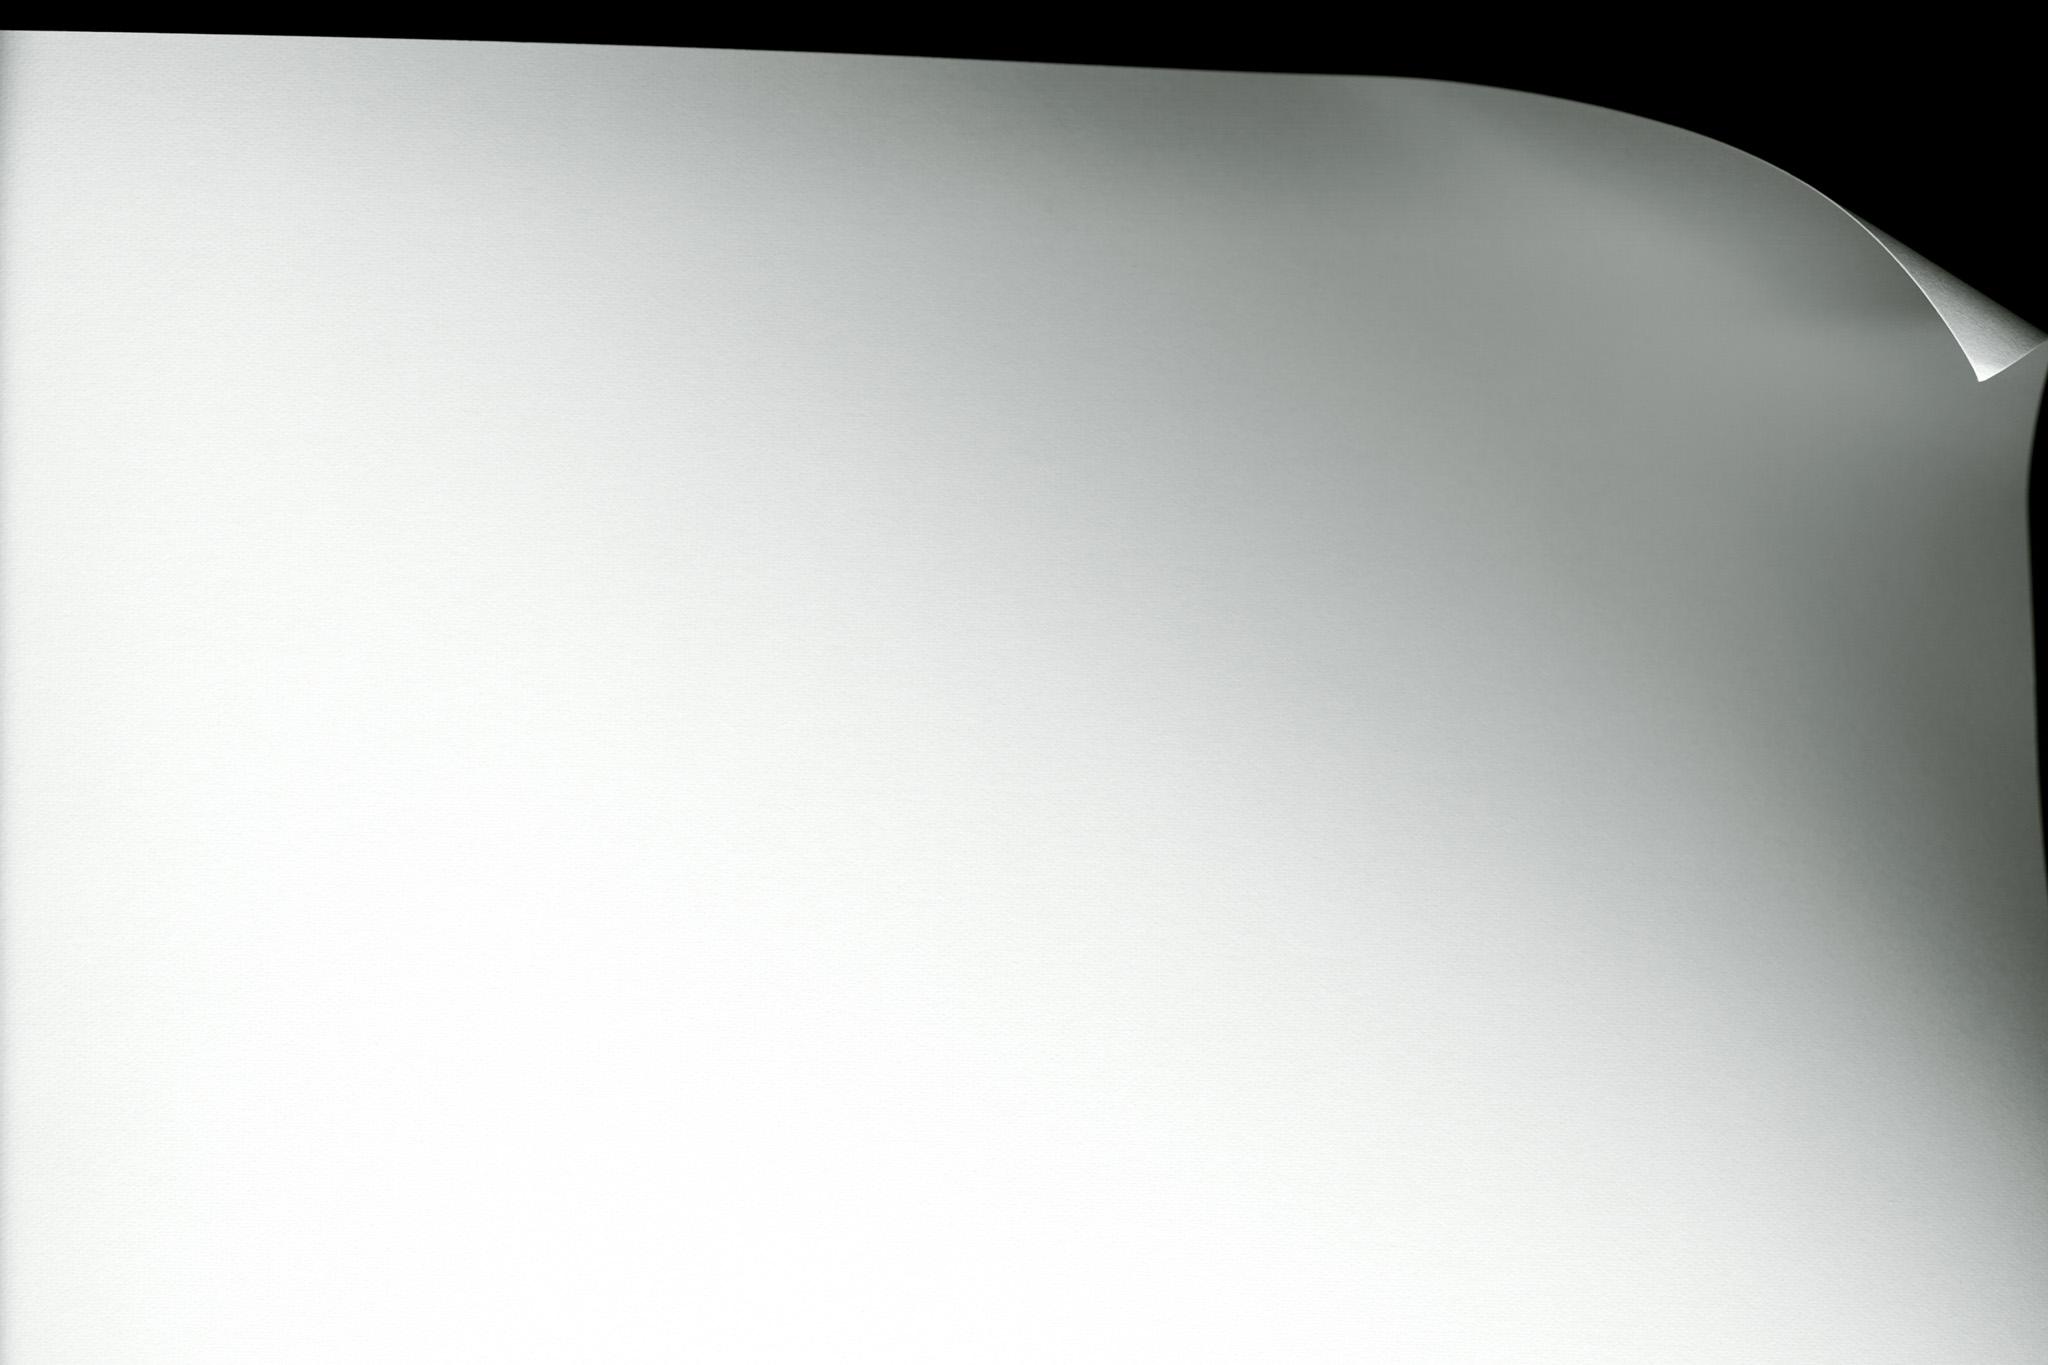 「巻きぐせの付いた紙の背景」